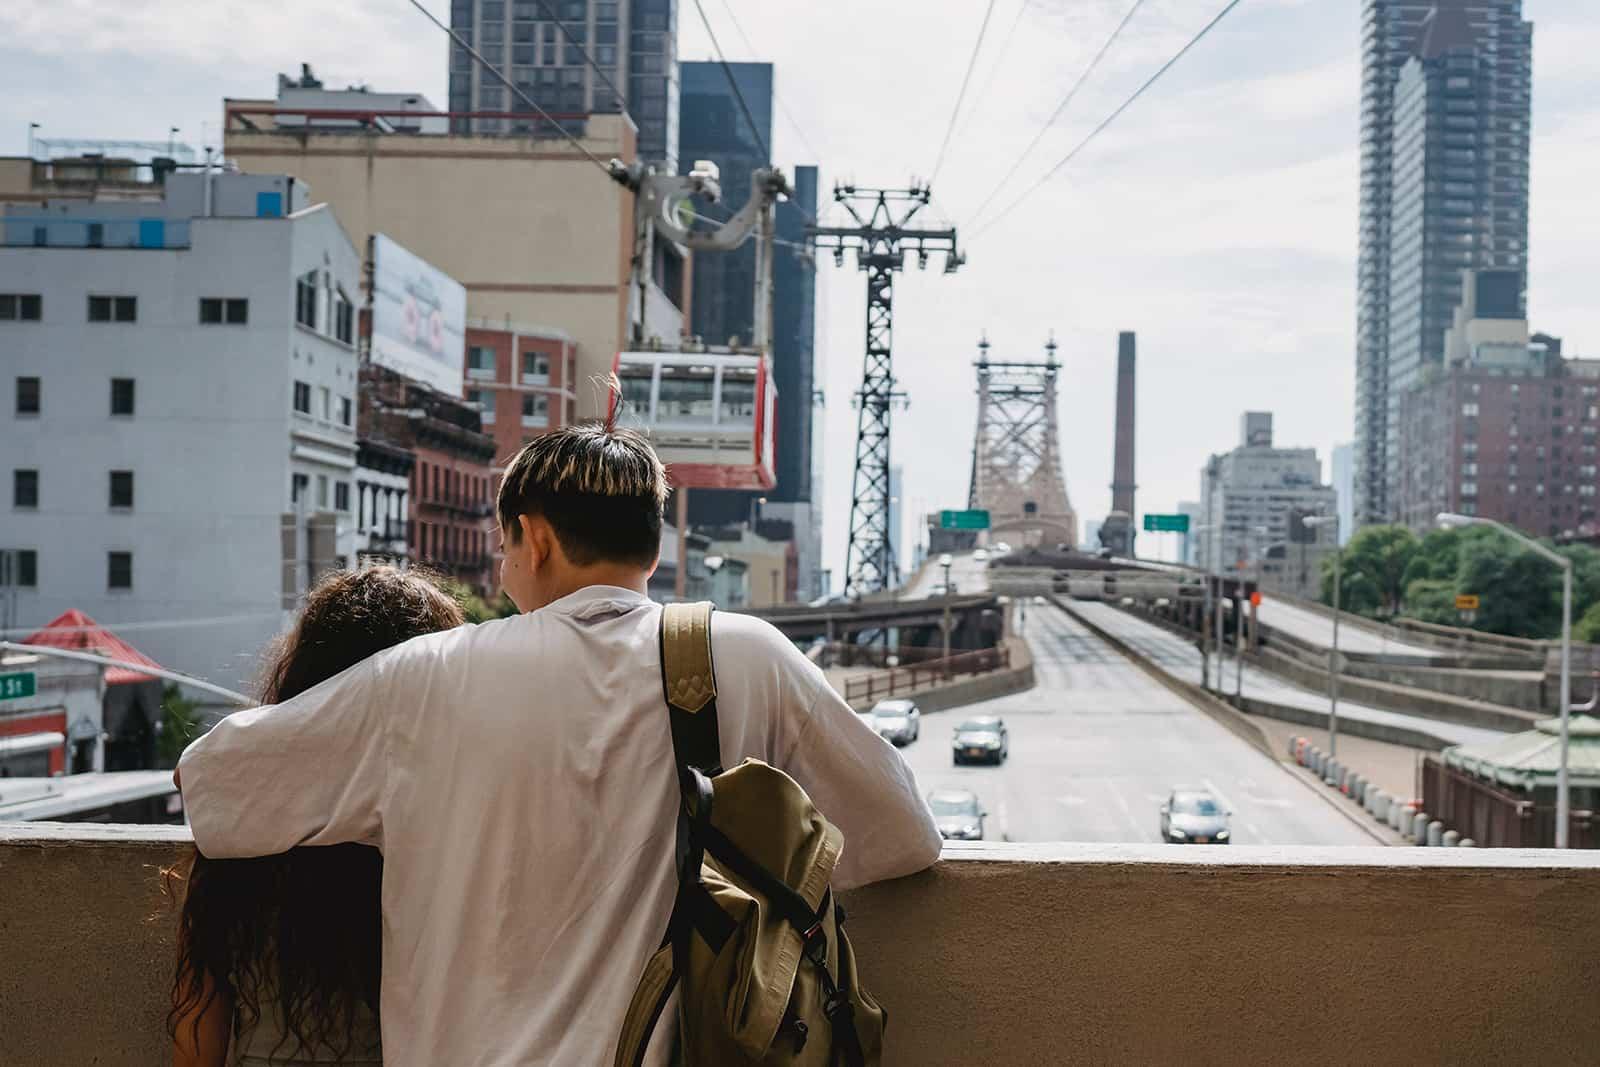 Ein Paar umarmt sich und blickt auf seiner Reise auf die Stadt